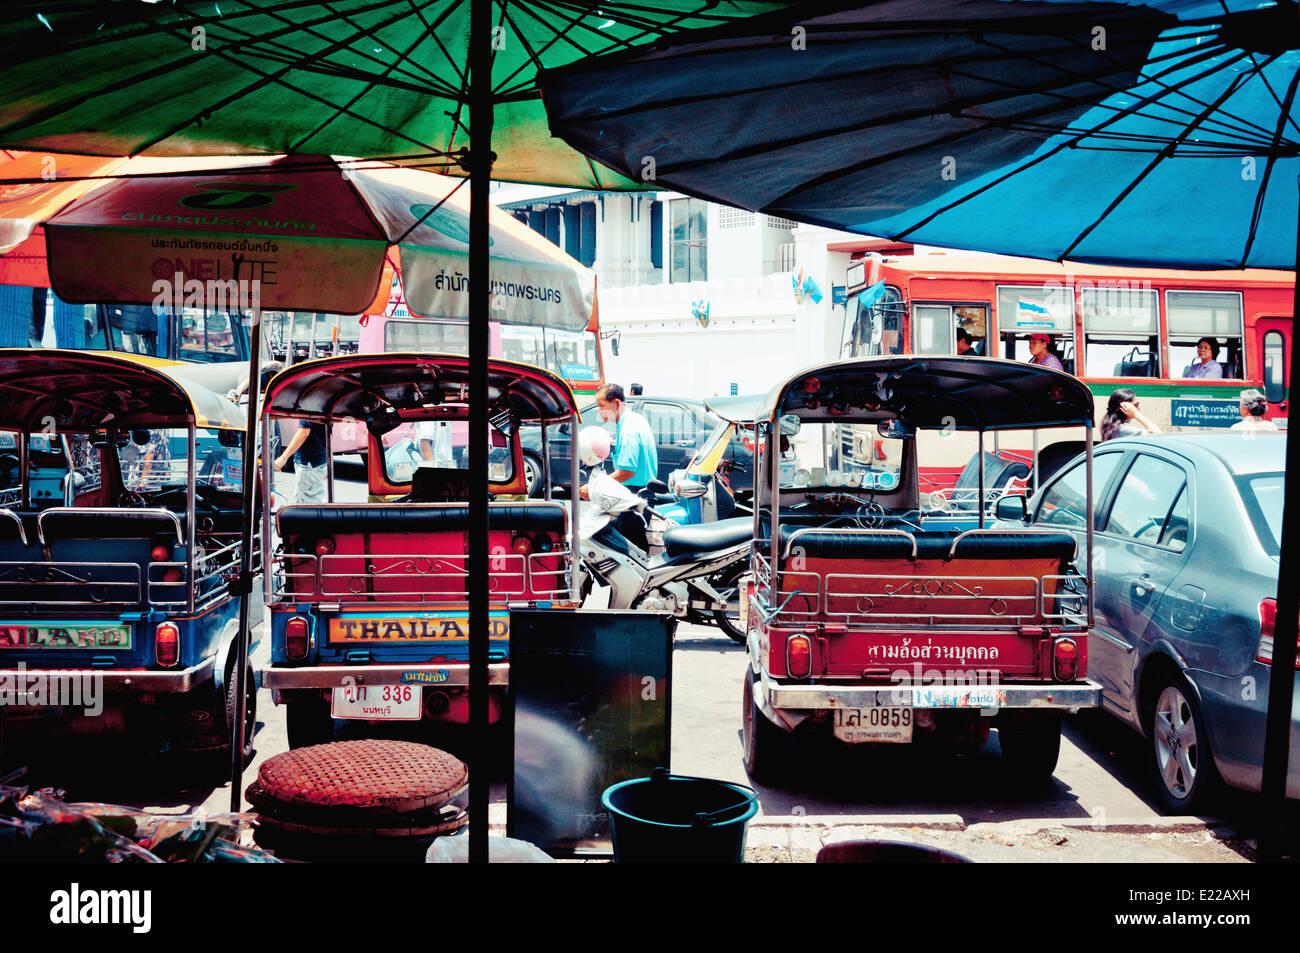 typische Tuk Tuk Taxis geparkt und Verkehr auf der Straße neben Grand Palace in Bangkok Stockbild